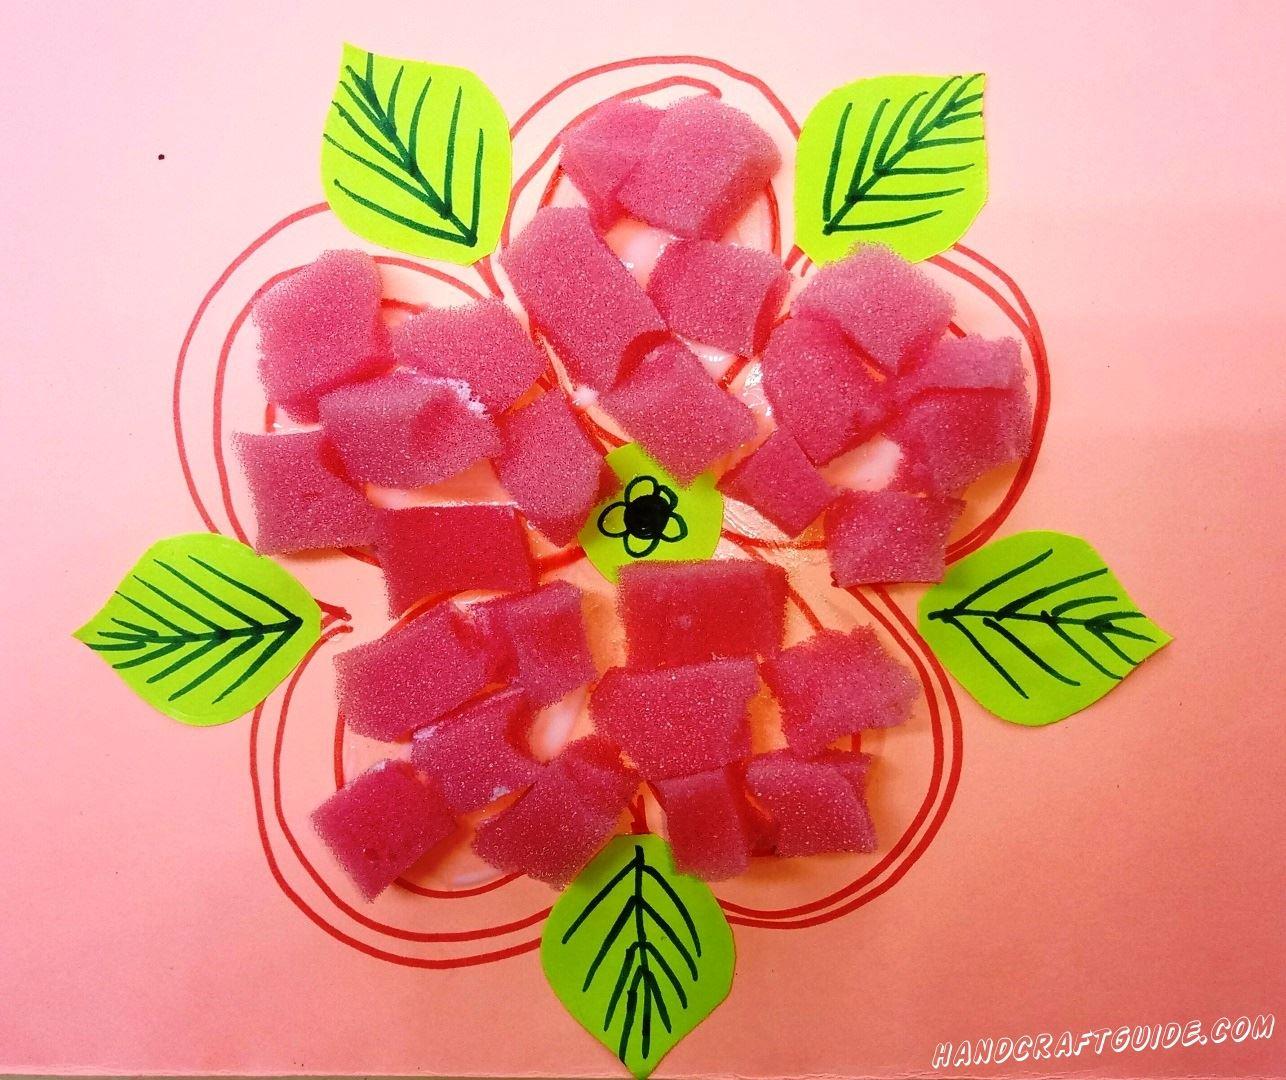 Это самый мягкий и красивый цветочек в мире!